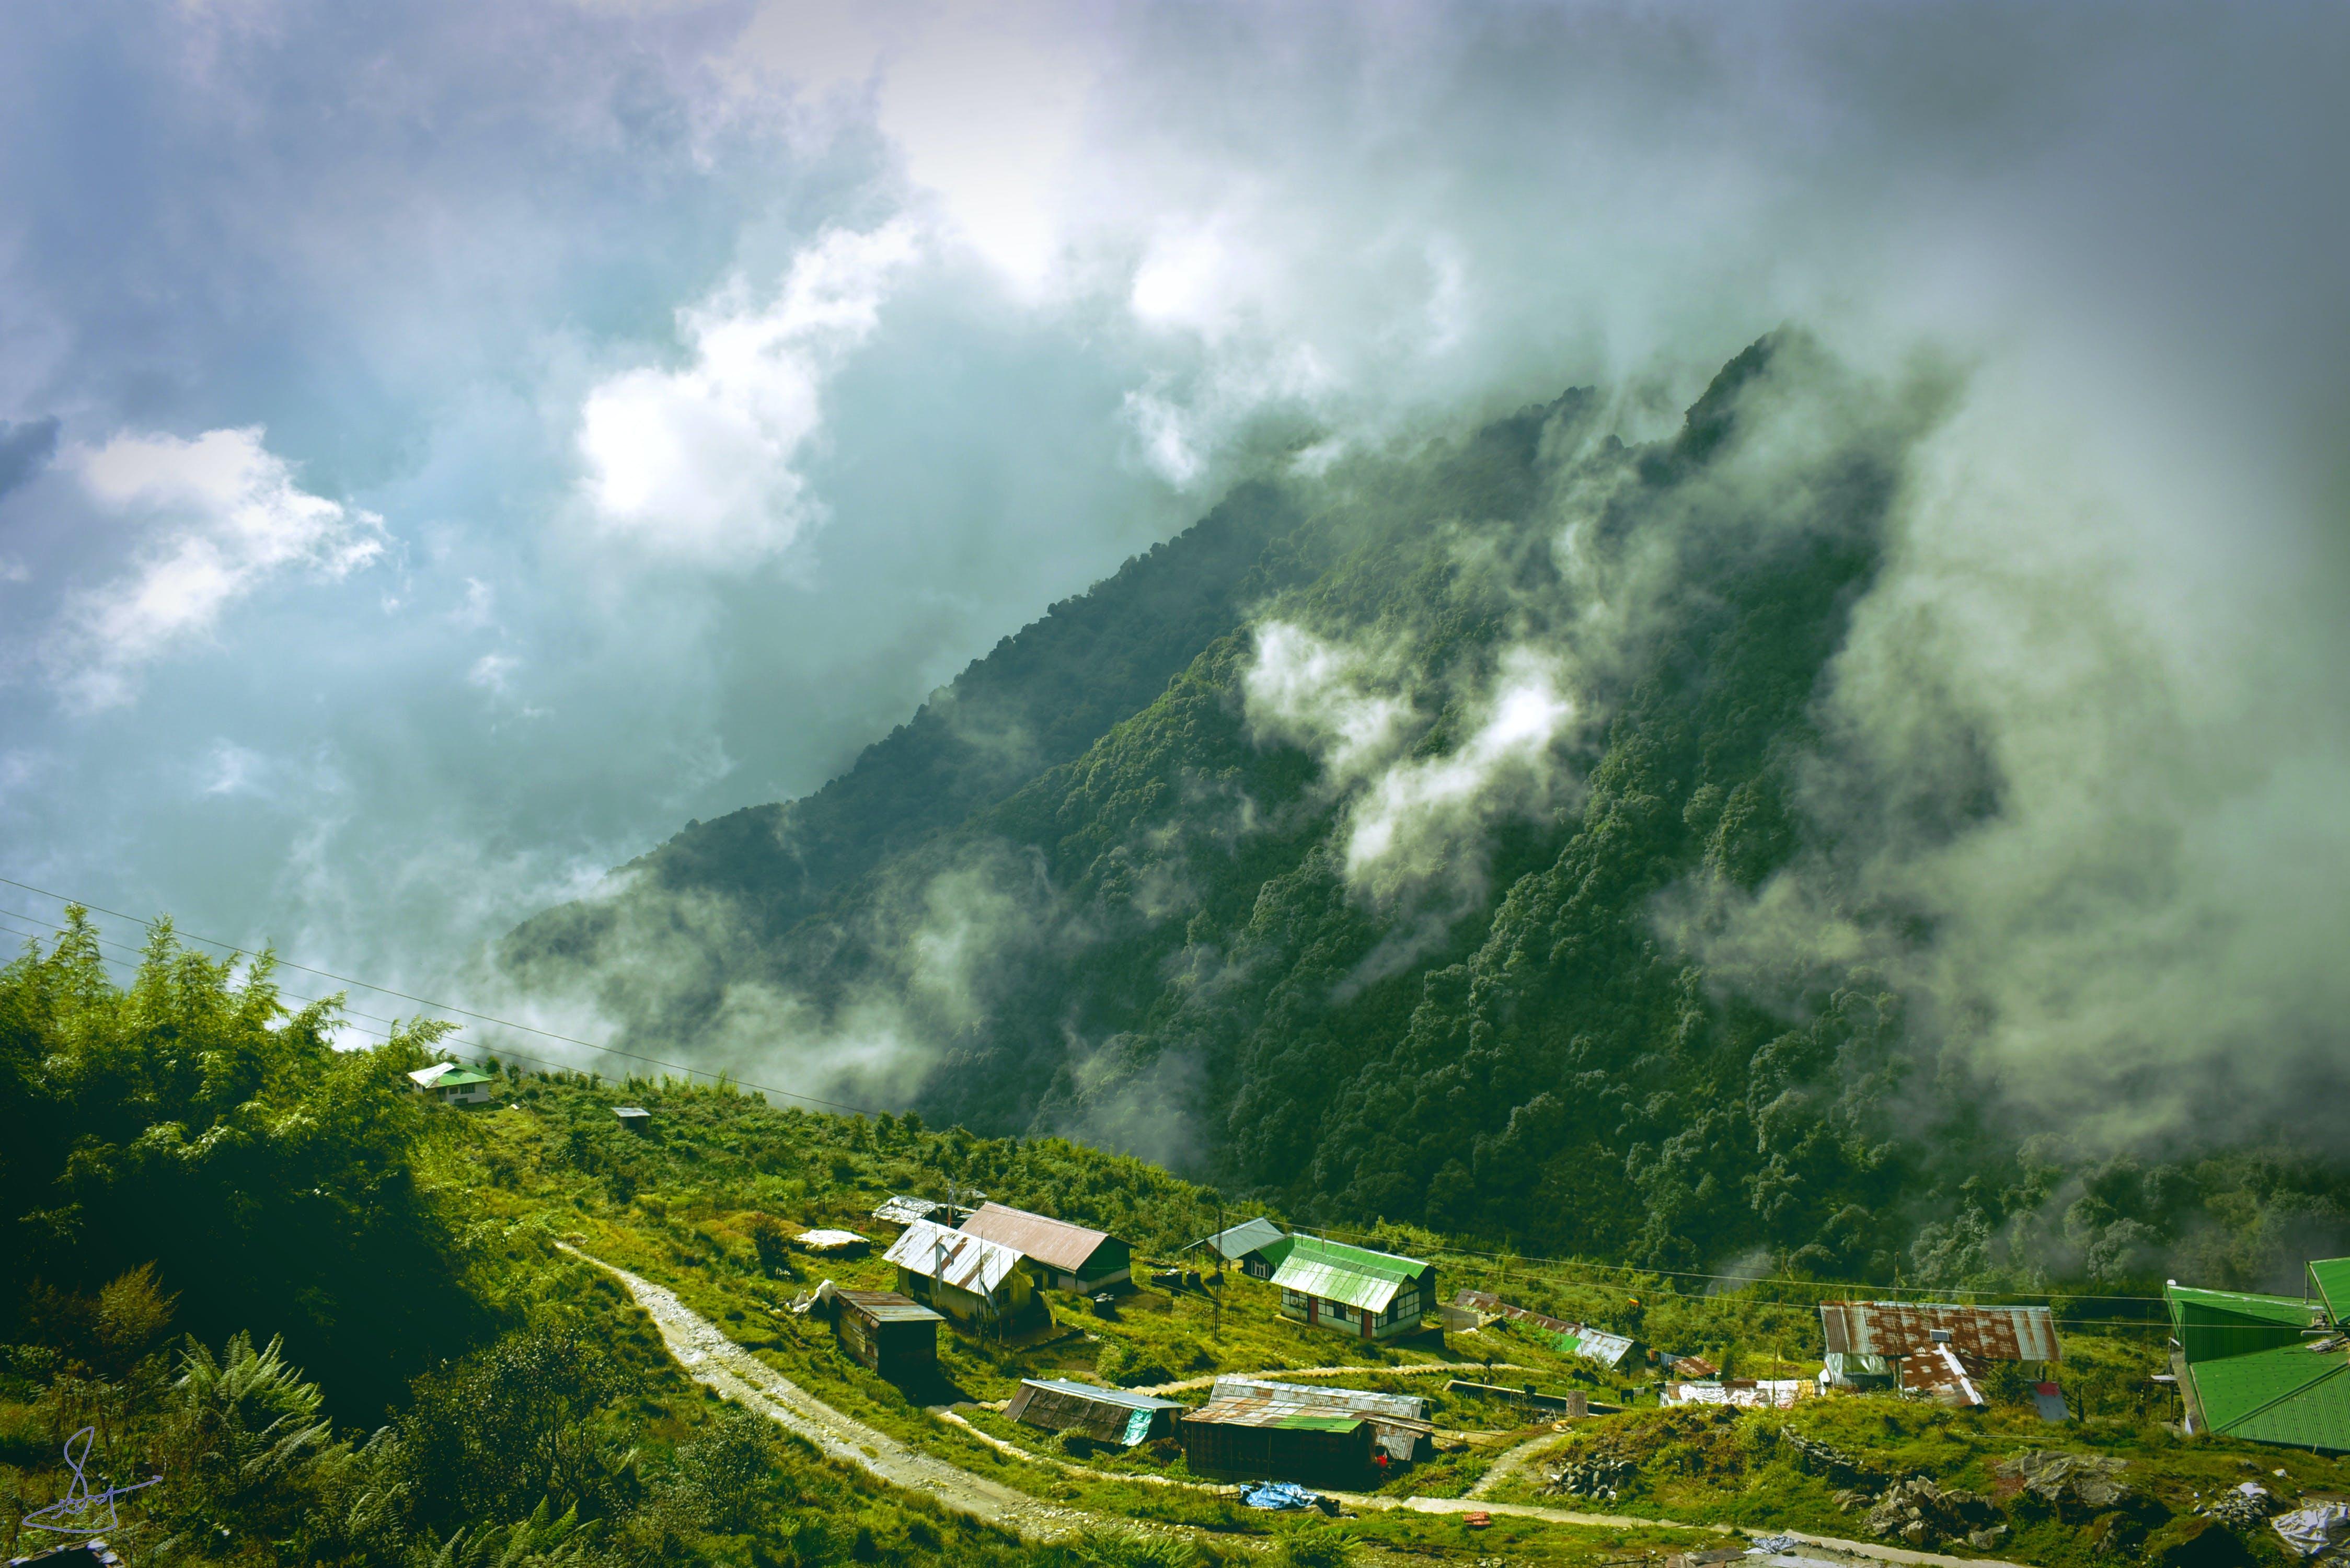 Bird's Eye View Photo of Houses on Mountain